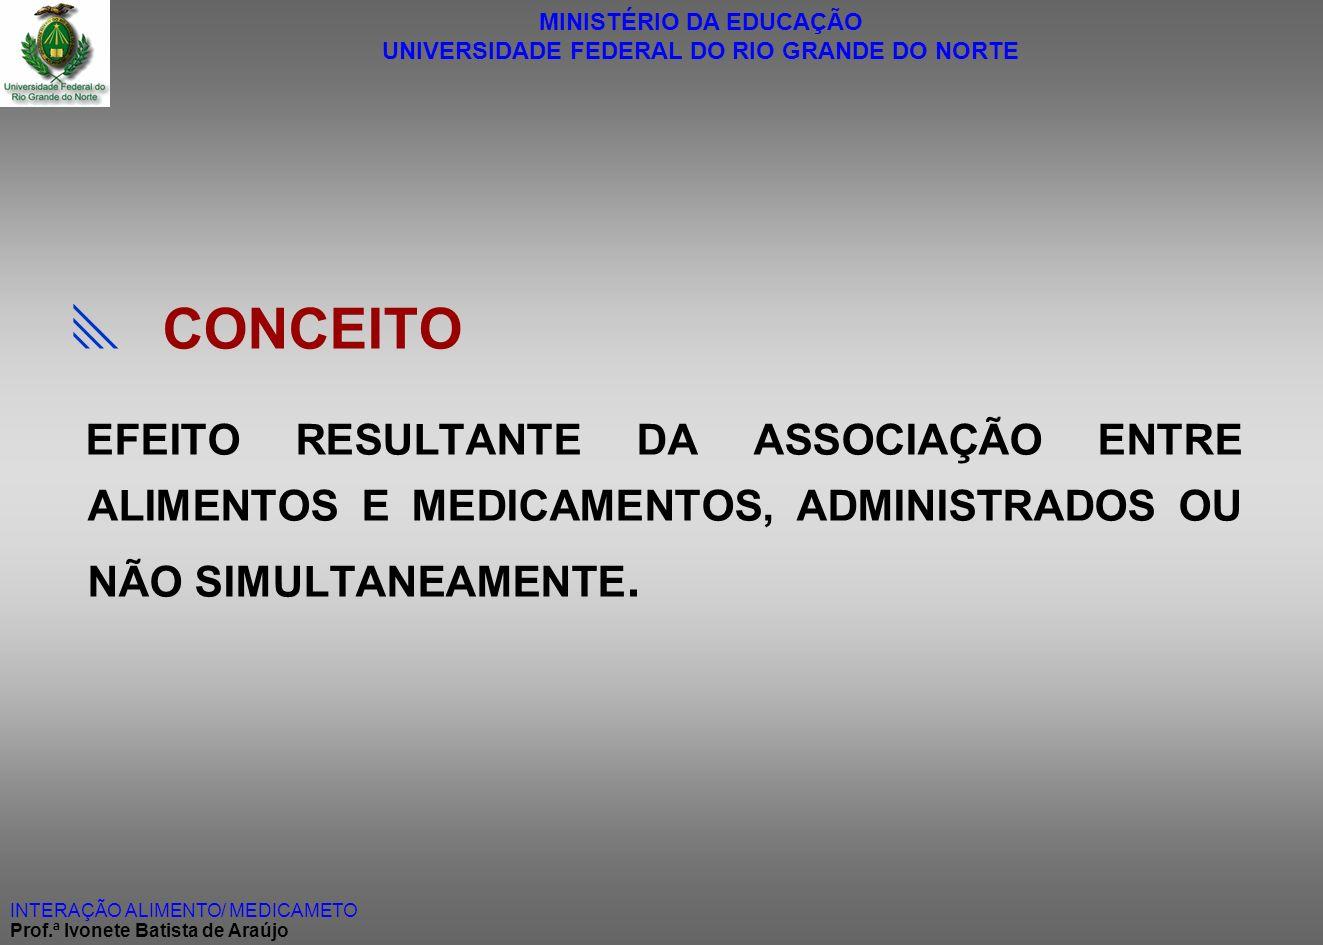  CONCEITO EFEITO RESULTANTE DA ASSOCIAÇÃO ENTRE ALIMENTOS E MEDICAMENTOS, ADMINISTRADOS OU NÃO SIMULTANEAMENTE.